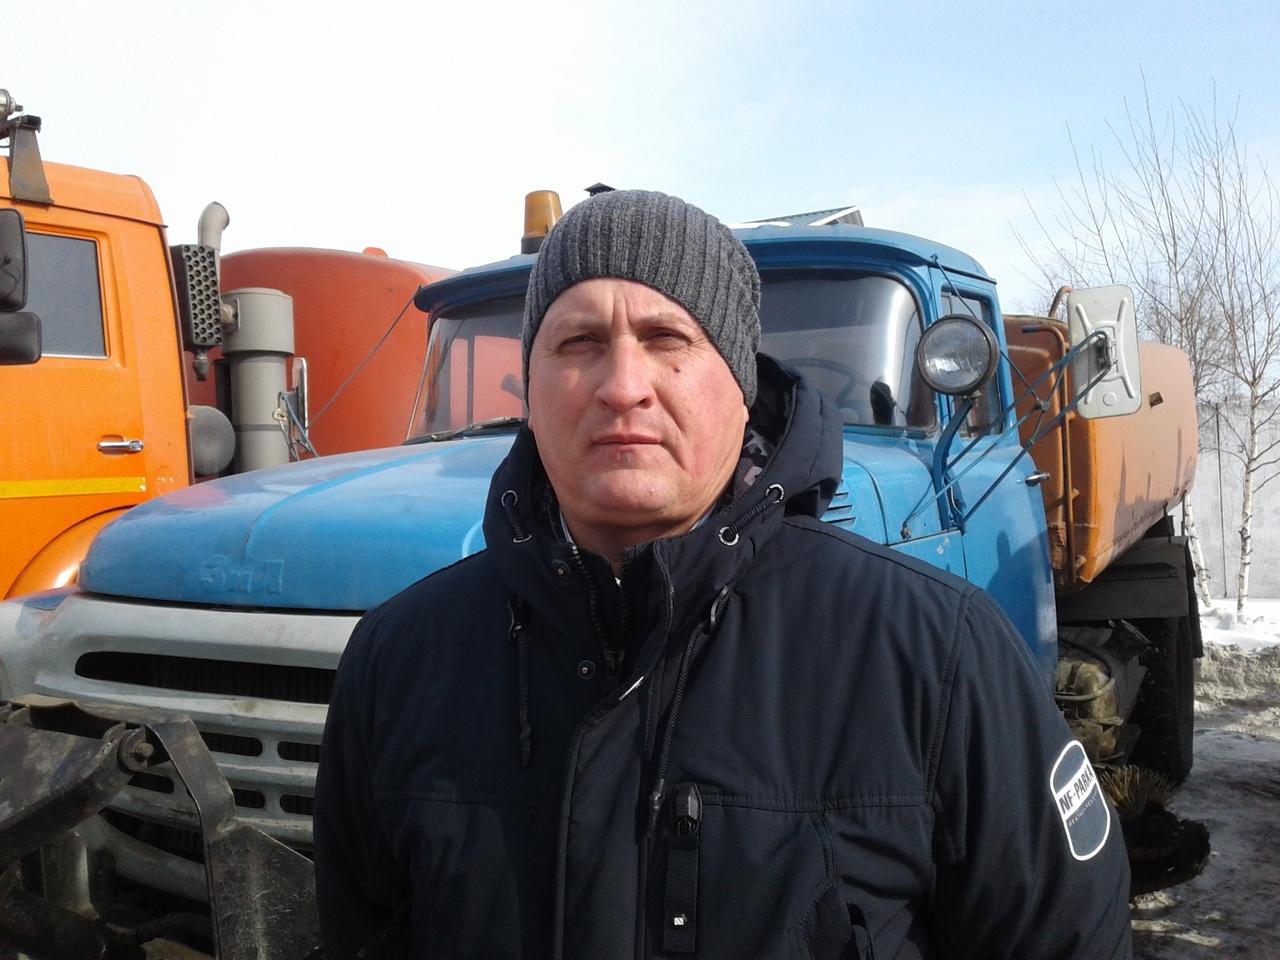 Омскую ливневку начали готовить к паводку: снег скоро начнет таять #Новости #Общество #Омск